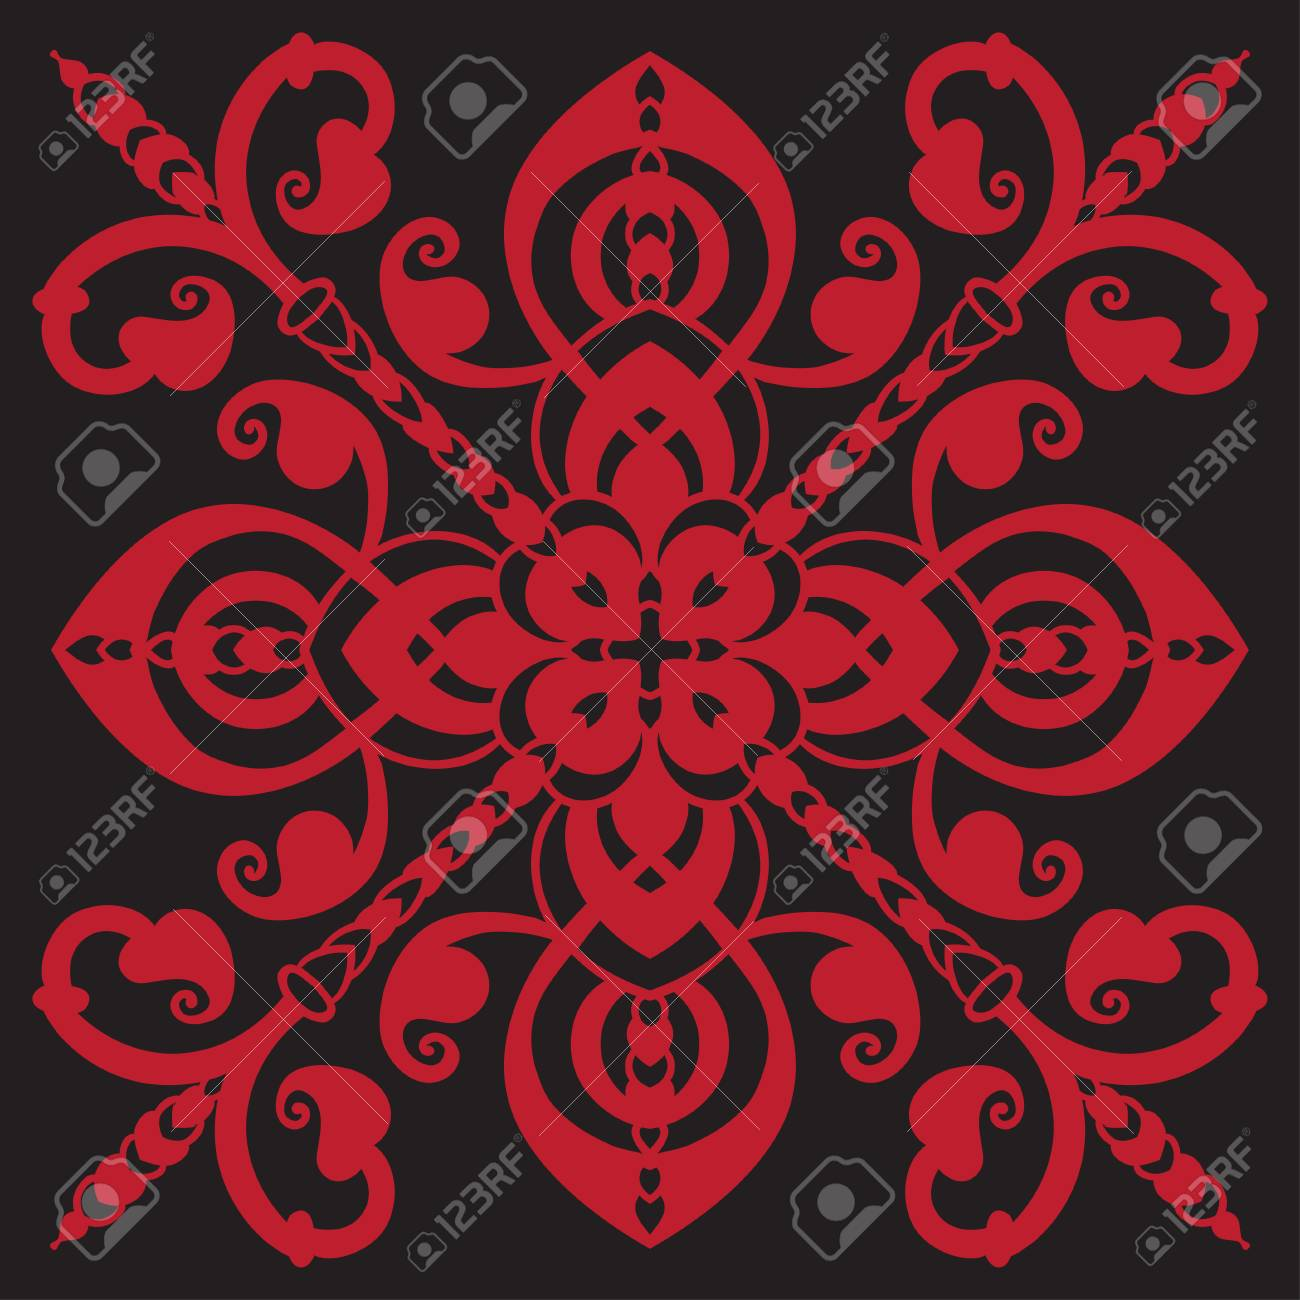 Dessin à La Main Pour Les Carreaux Dans Les Couleurs Noires Et Rouges Isolé Sur Le Style De Majolique Italienne De Fond Illustration Vectorielle Le